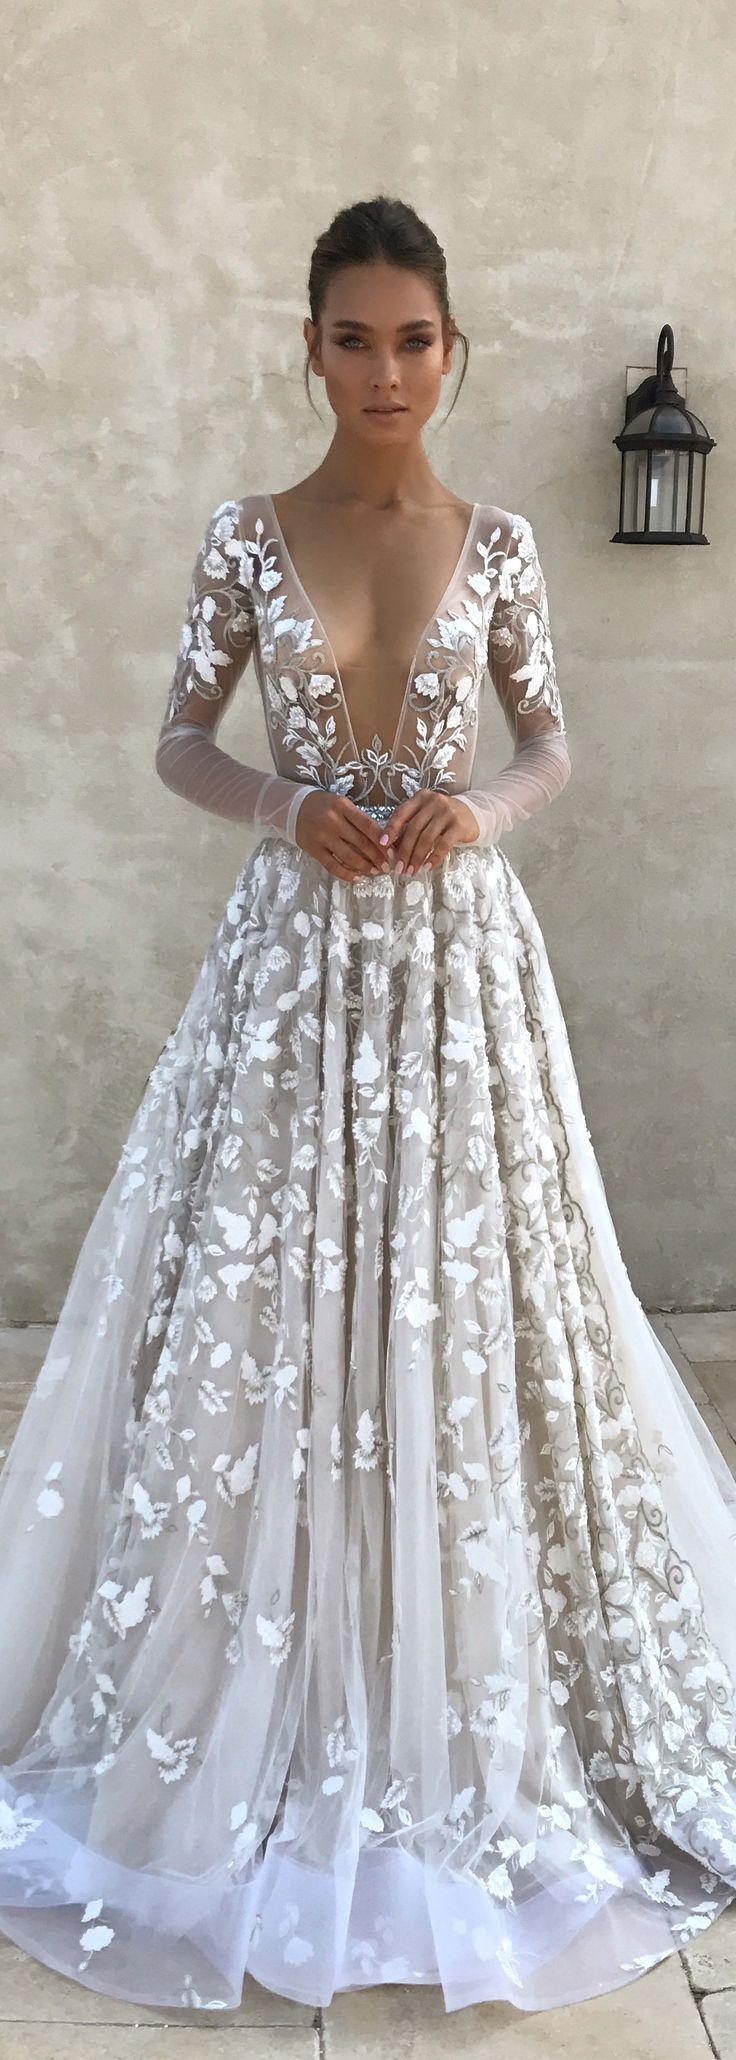 Hochzeit >>> Ausgefallene Kleider >>> #ichliebekleiderstore